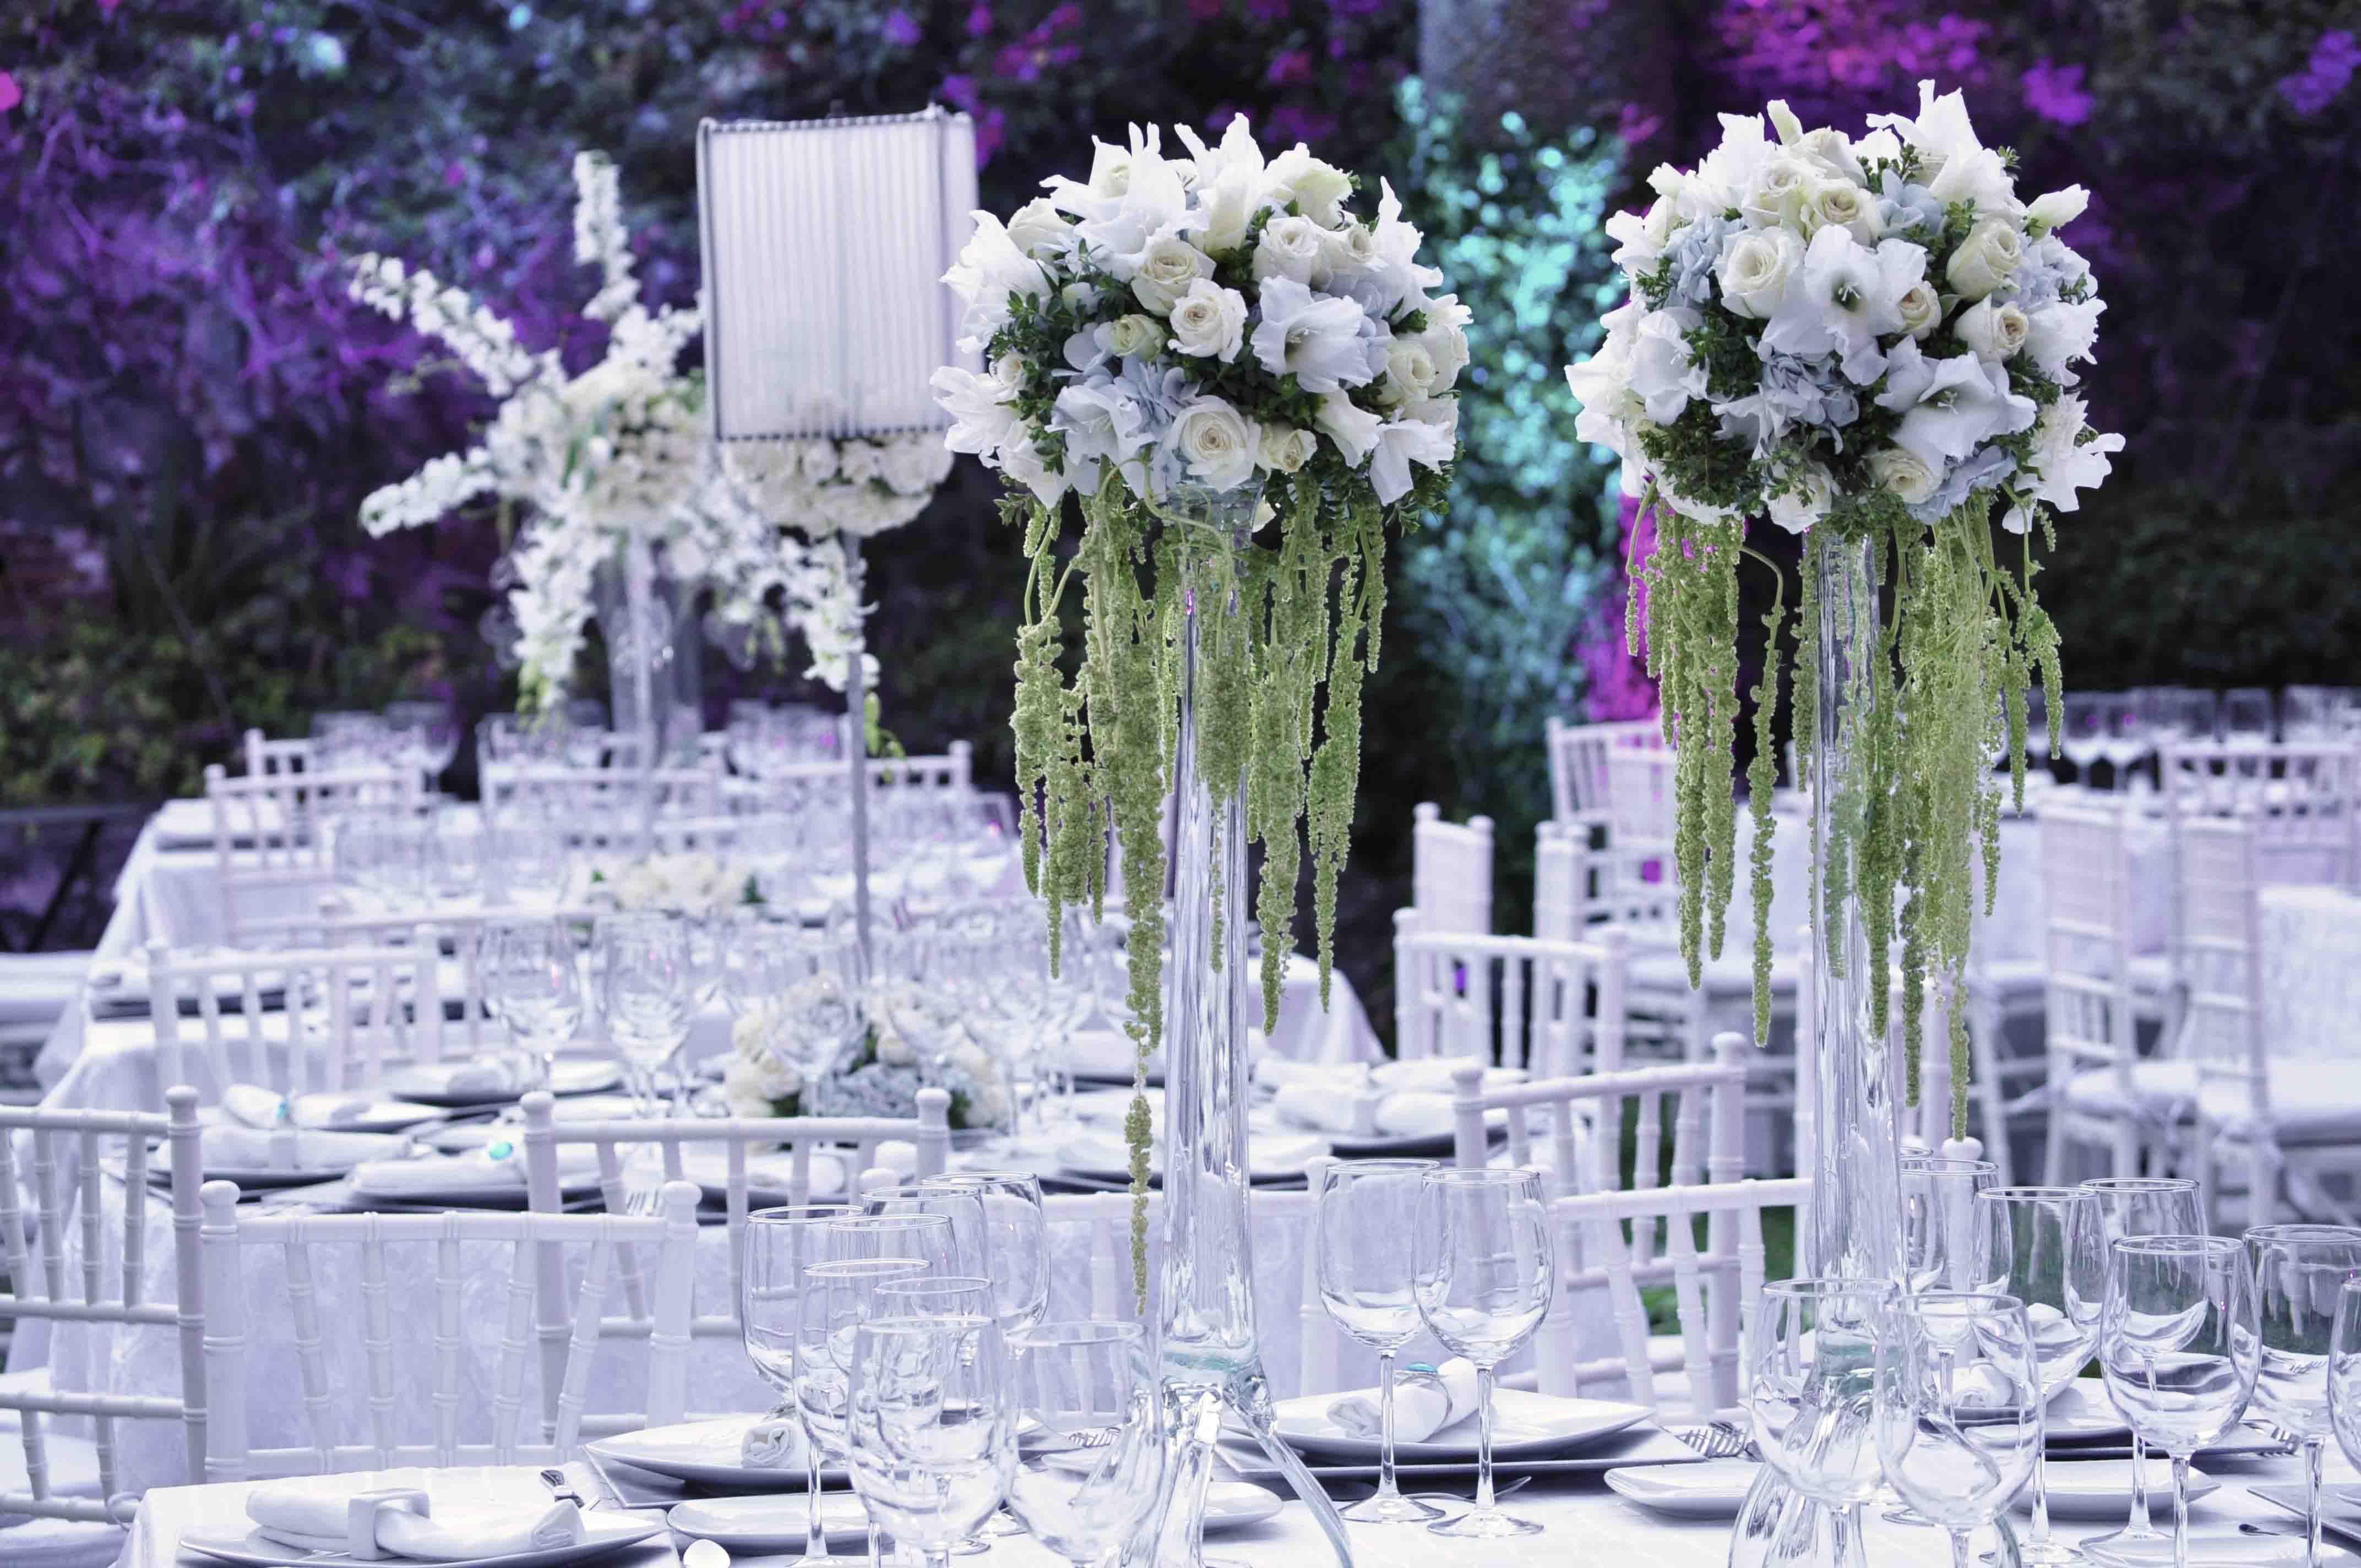 boda, ambiente, noche, blanco, elegante, amor, novios, boda, momentos perfectos